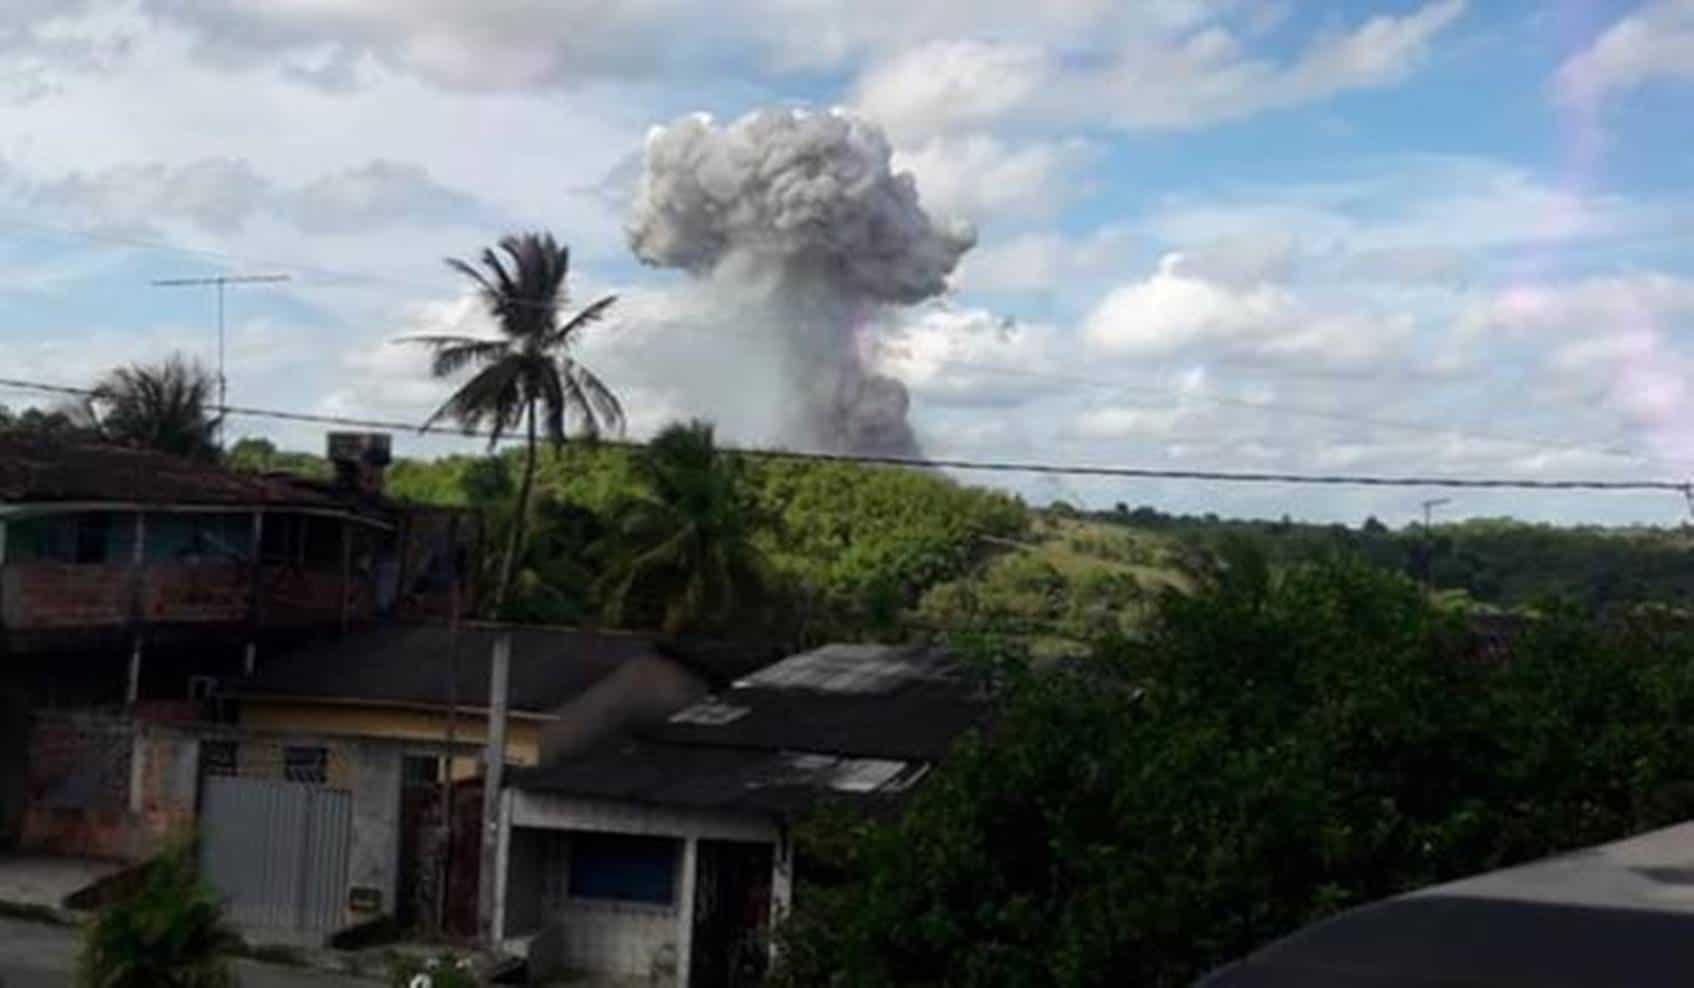 Fábrica de fogos explode em Simões Filho: barulho e faz moradores acreditarem em queda de avião